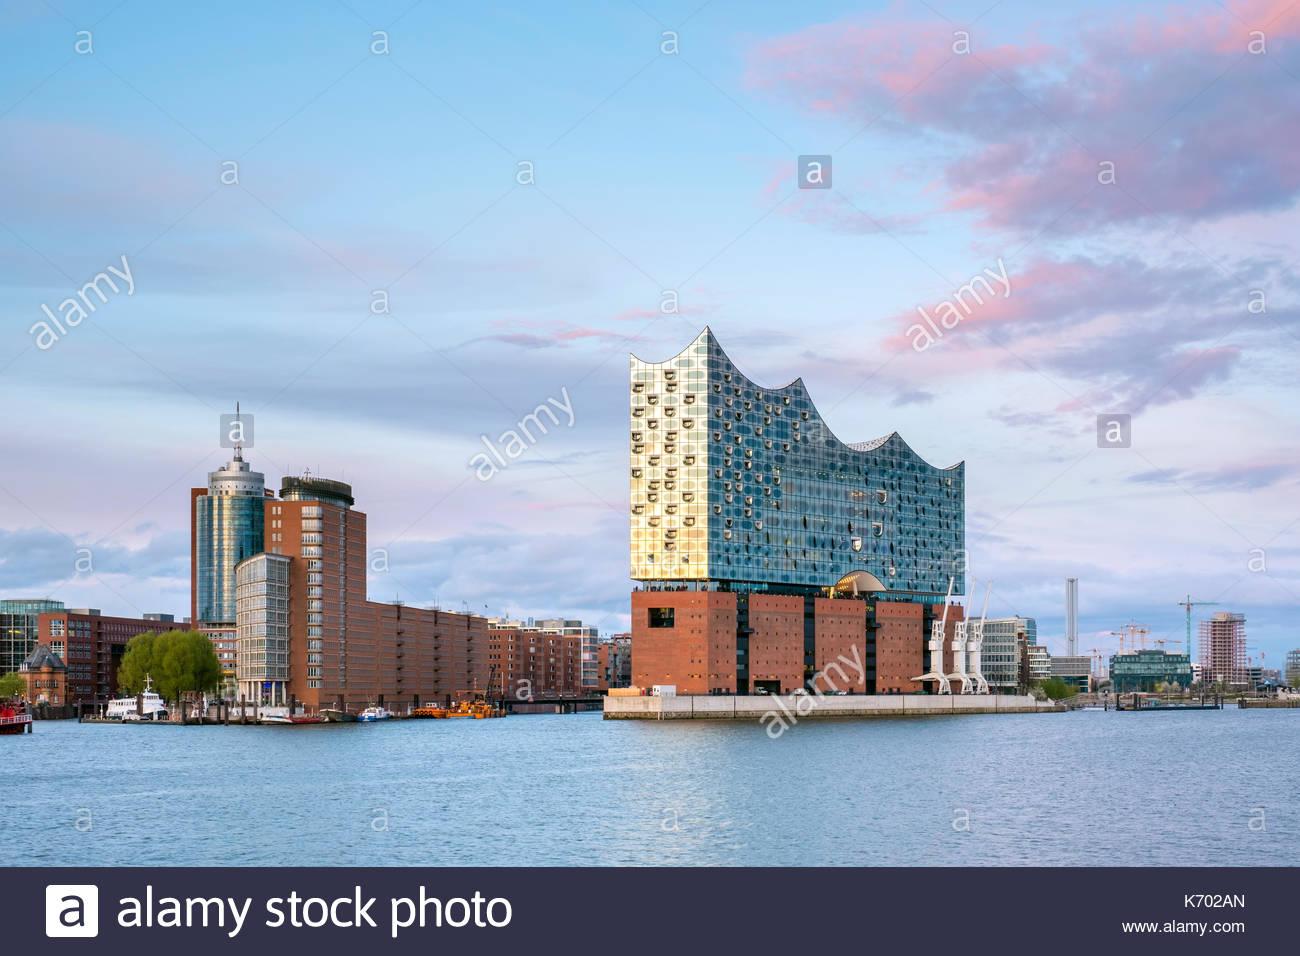 L'Allemagne, Hambourg. Elbphilharmonie (Elbe Philharmonic Hall) concert hall, sur l'Elbe et bâtiments de la HafenCity Banque D'Images